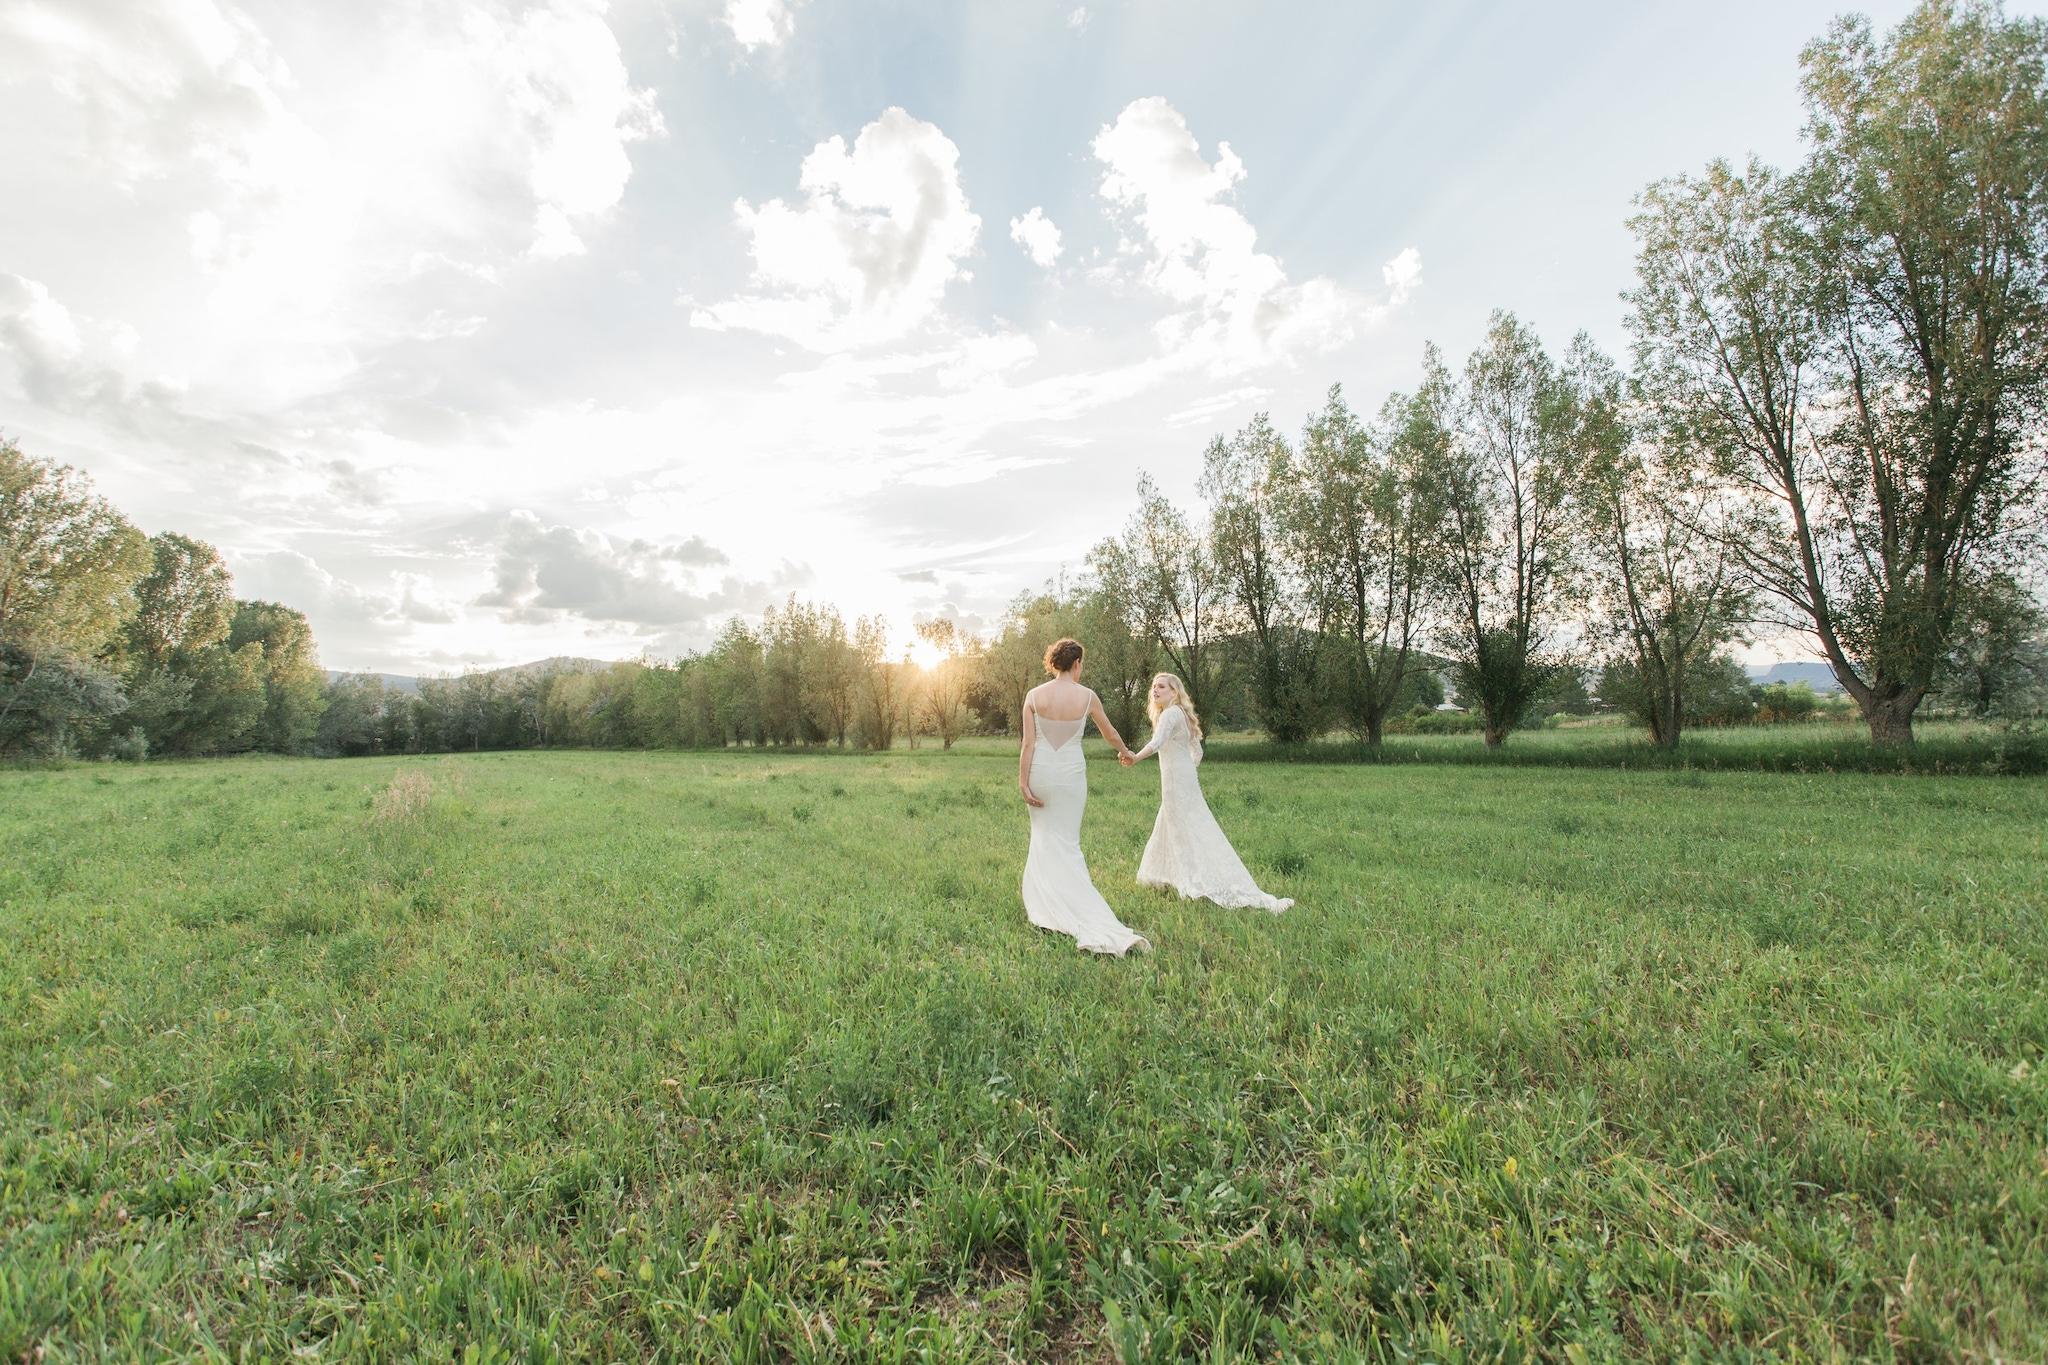 Brides in grass field